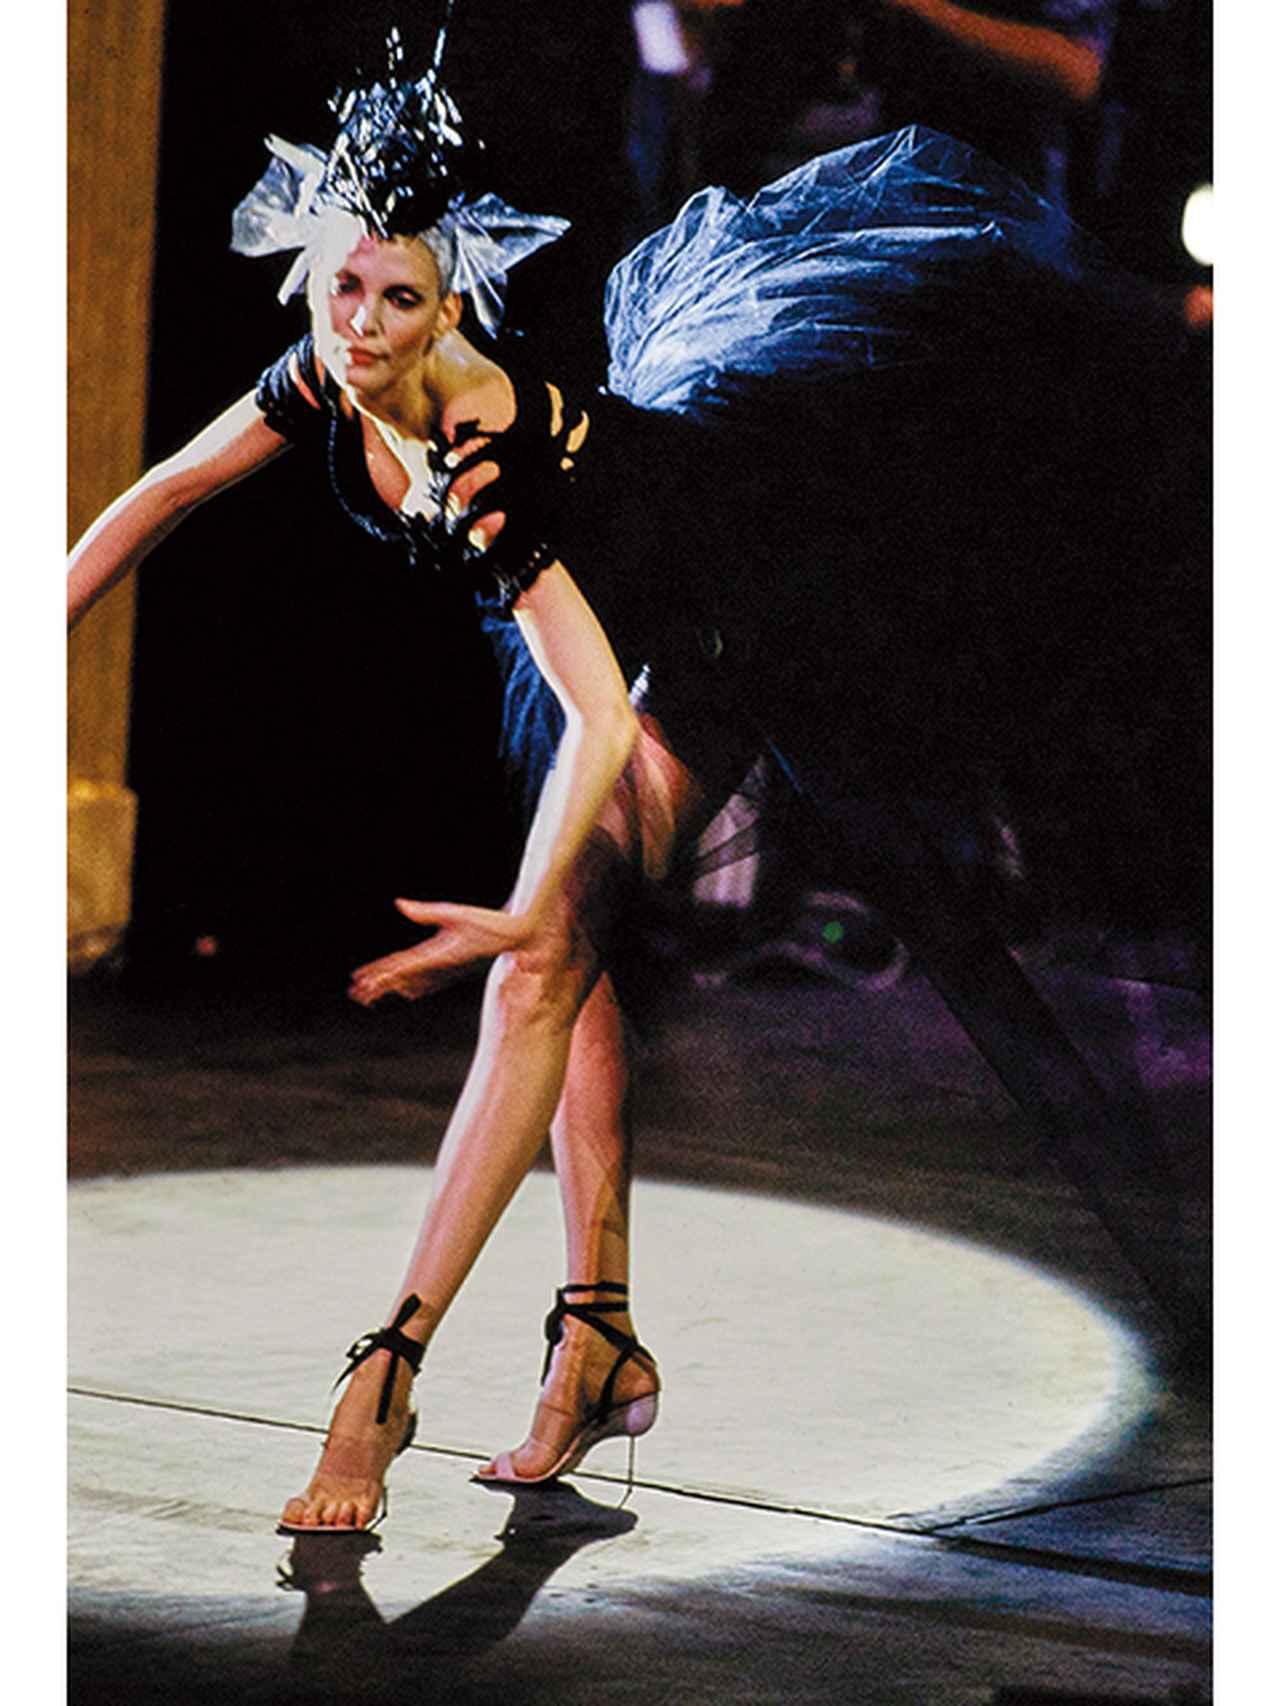 Images : 9番目の画像 - 「マノロ・ブラニクの頭の中にあるもの」のアルバム - T JAPAN:The New York Times Style Magazine 公式サイト